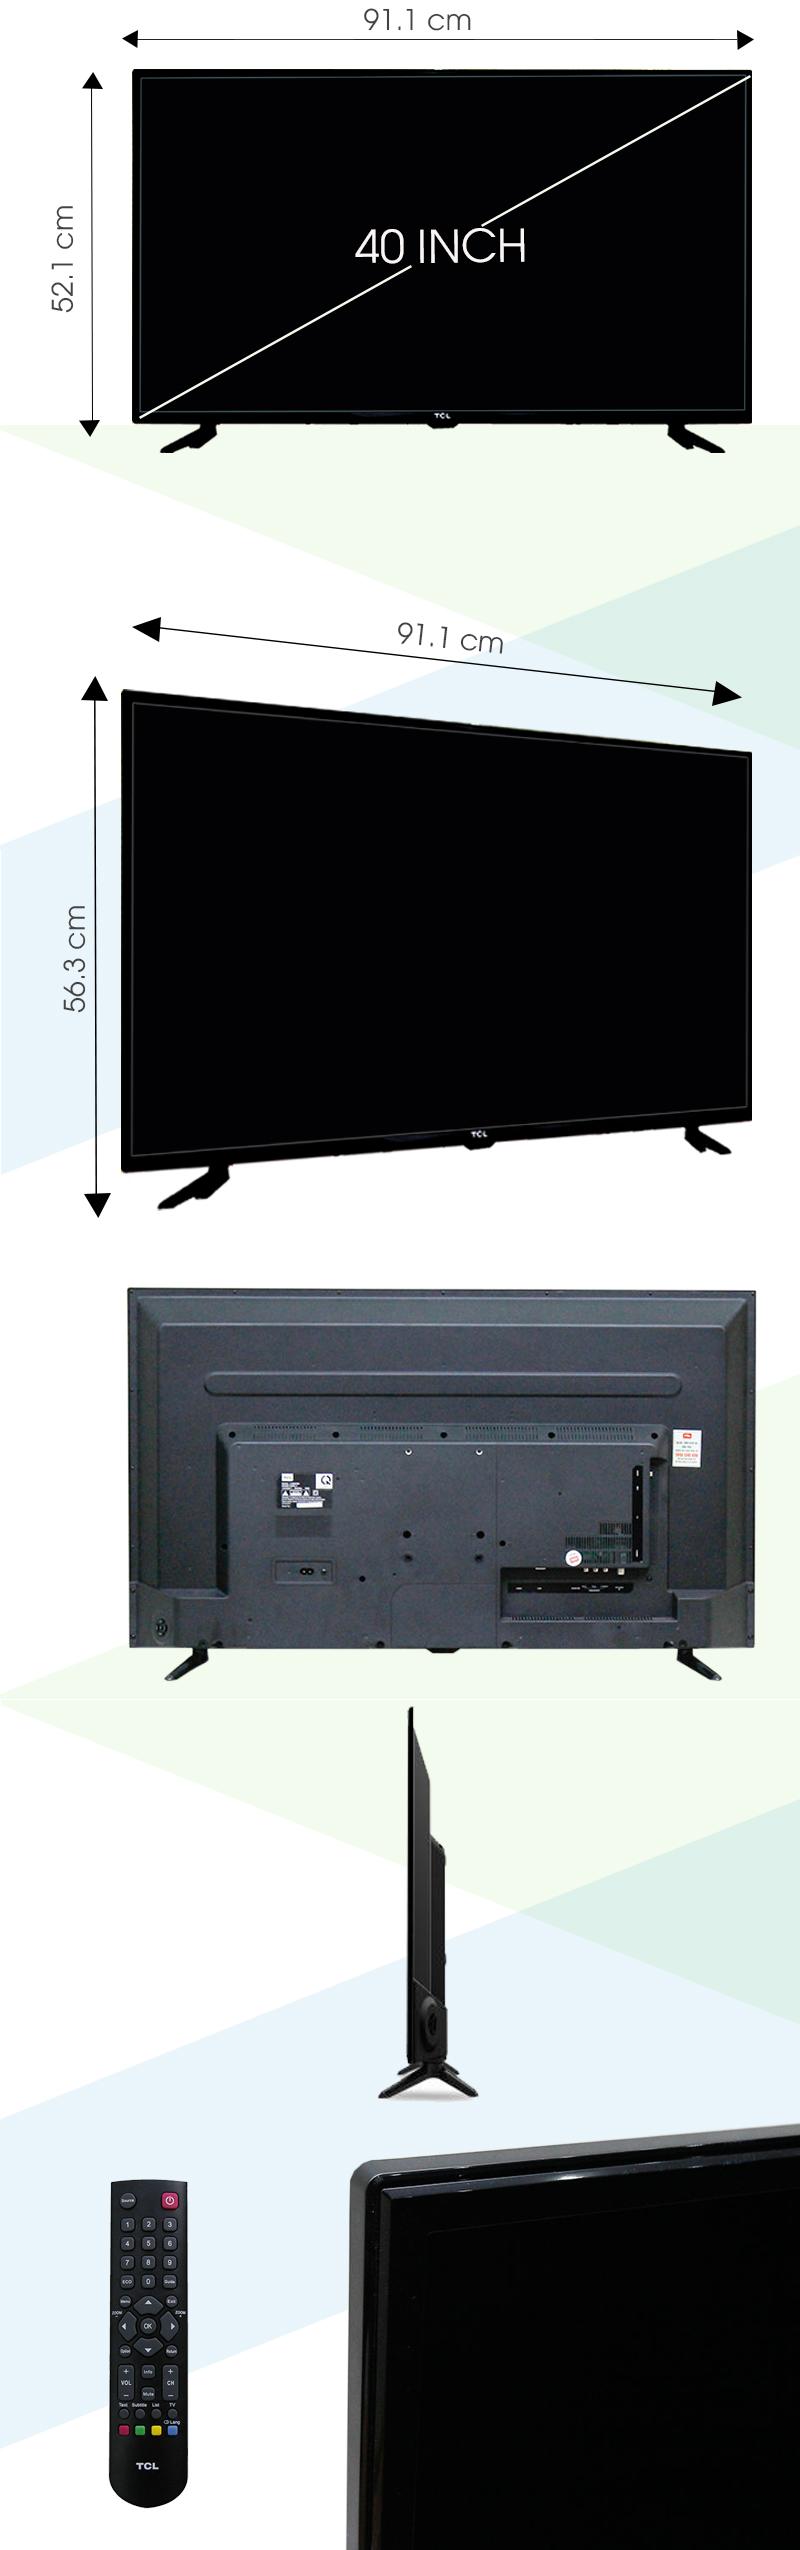 Tivi TCL 40 inch L40D2700D - Kích thước tivi